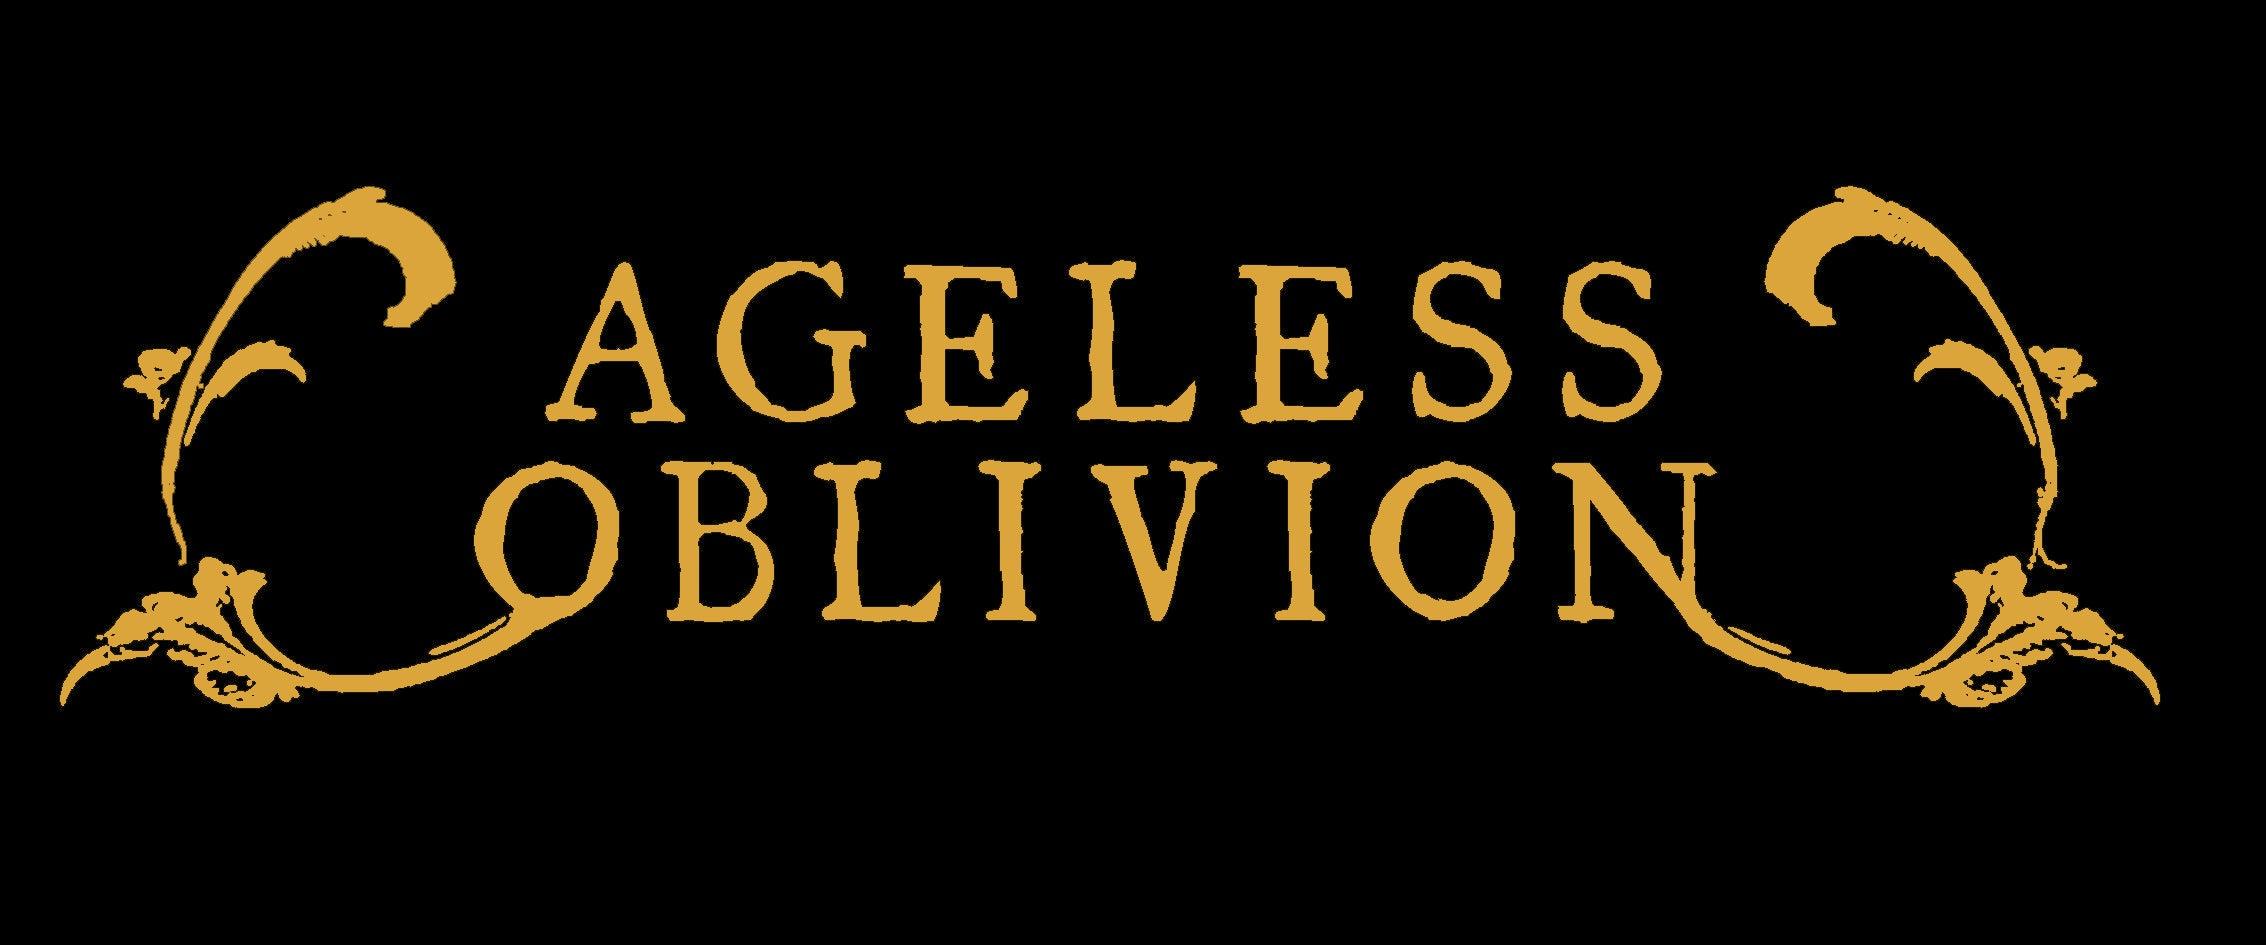 agelessoblivion